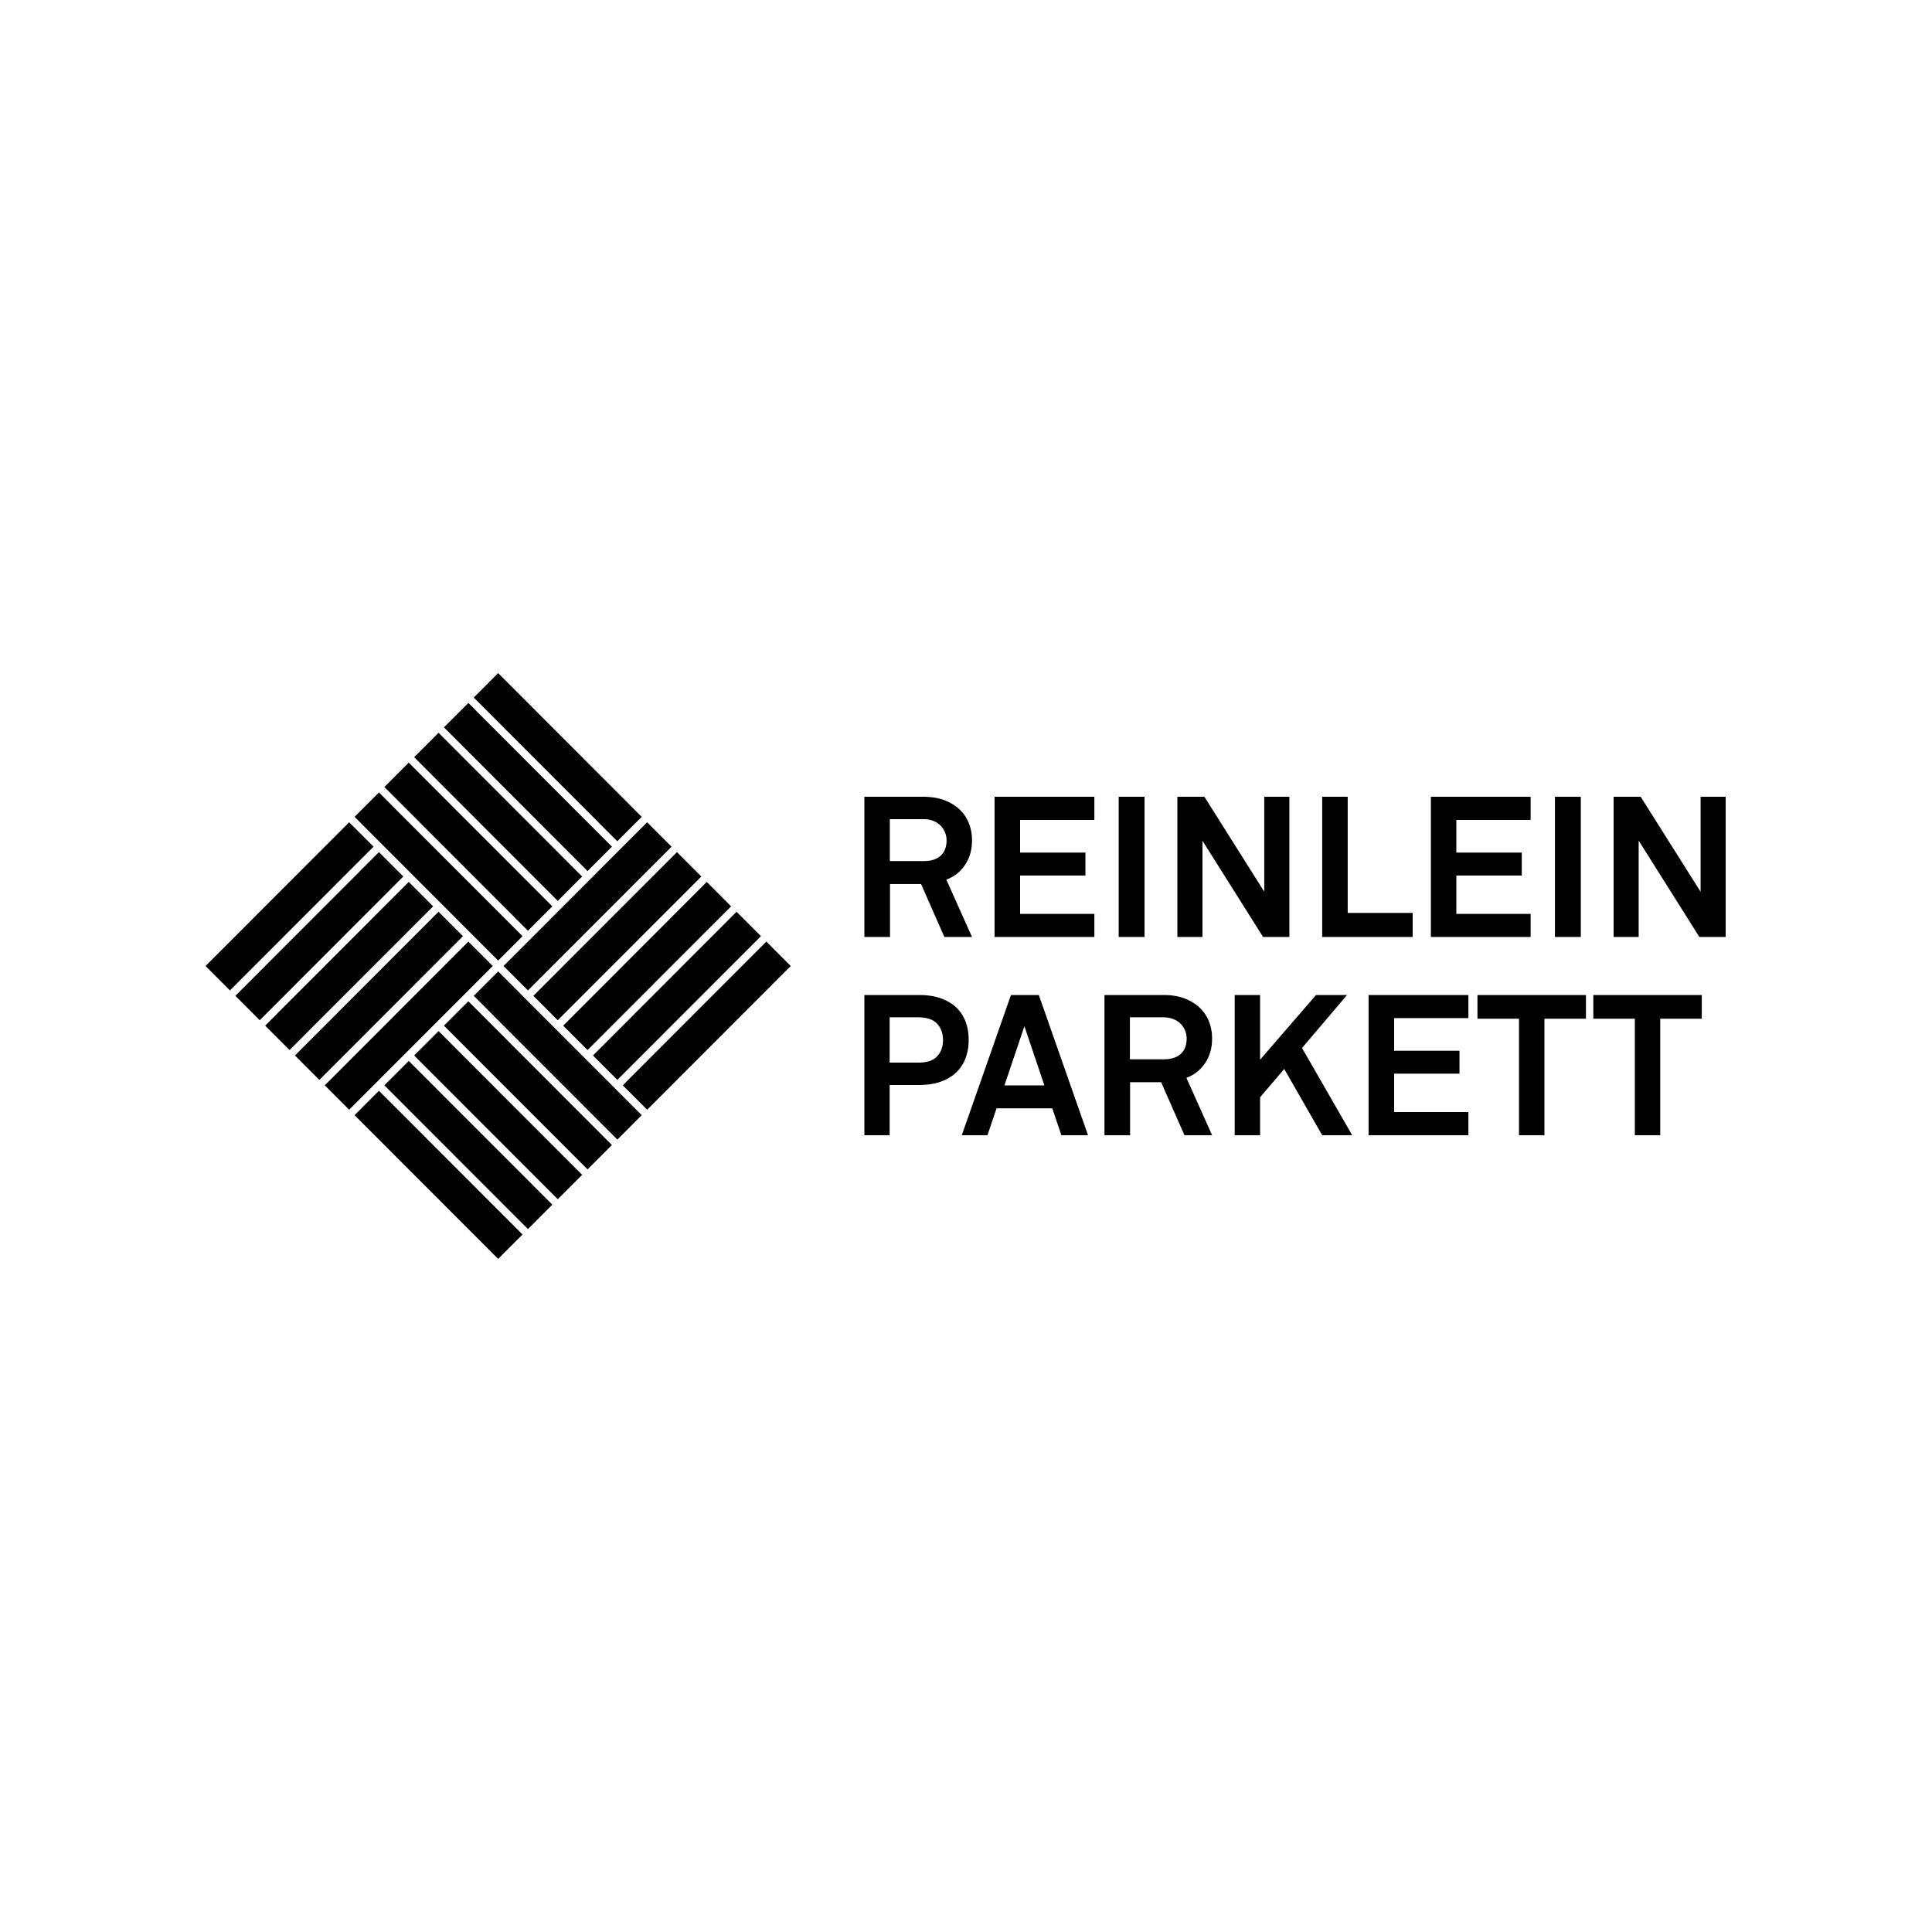 reinlein-parkett-logo.png